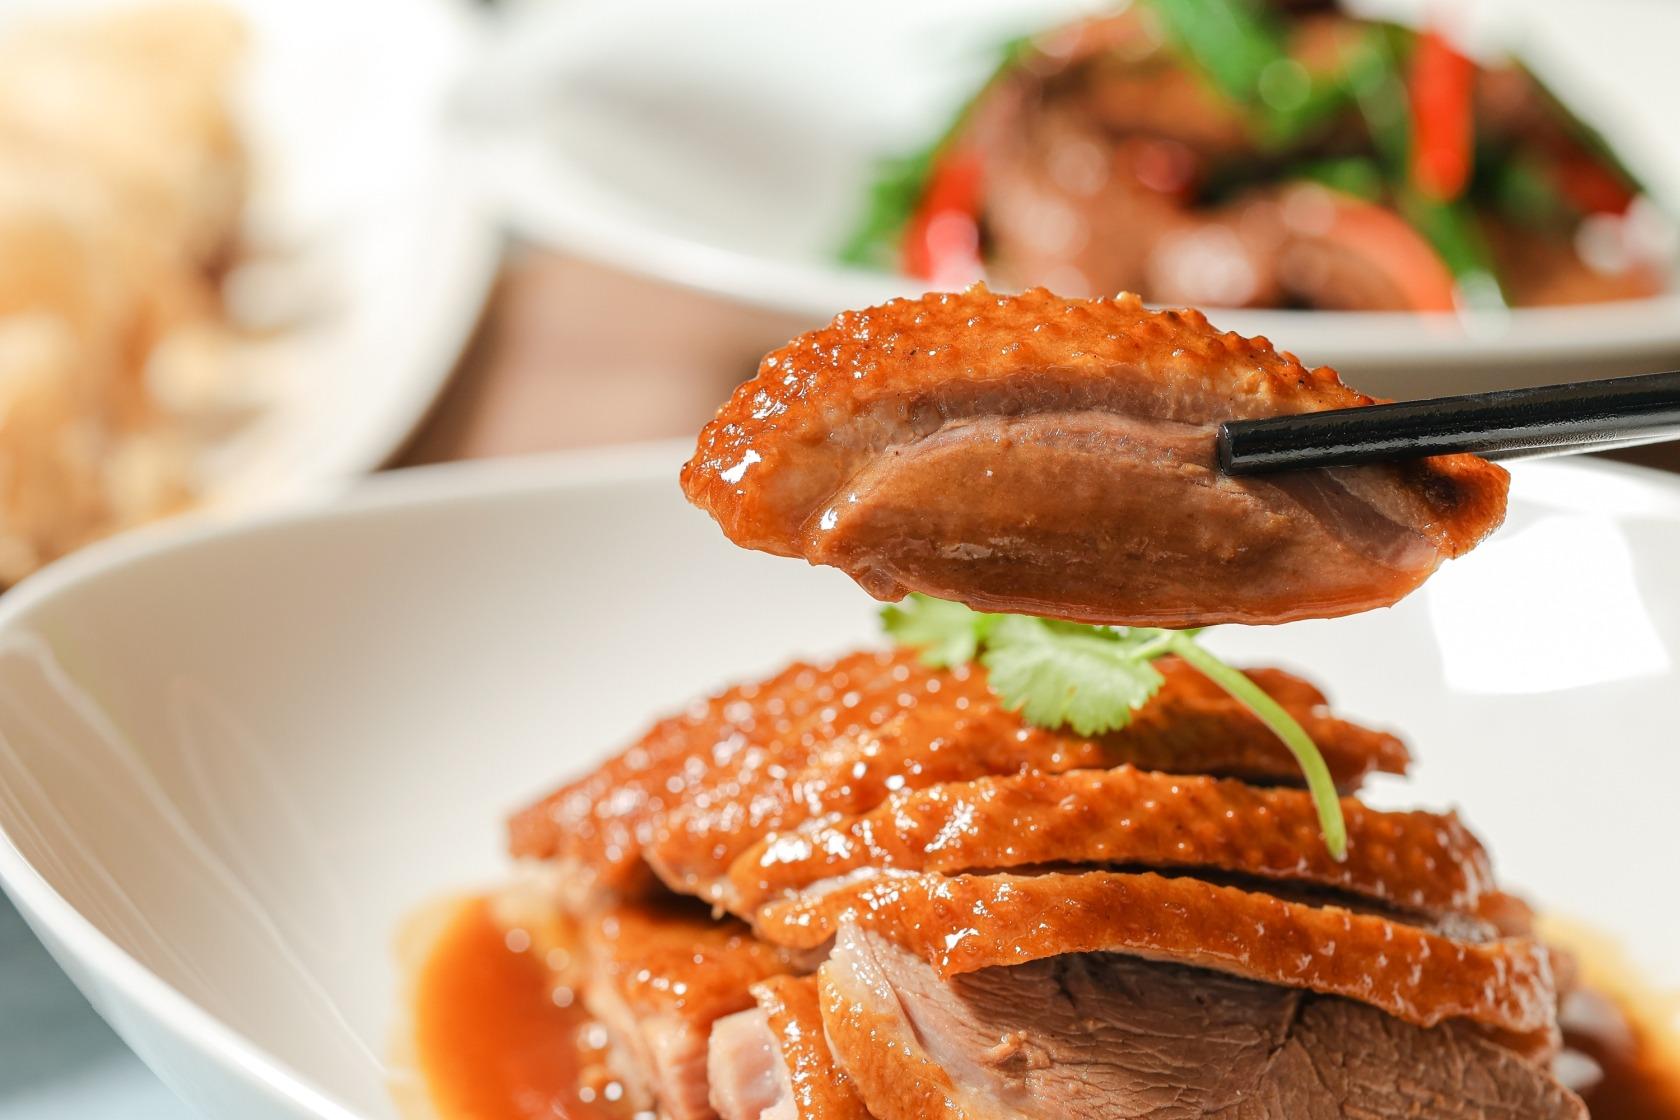 晶華軒推出的陳皮老薑碌鵝,現如要吃,需先預訂。(圖片:晶華軒提供)